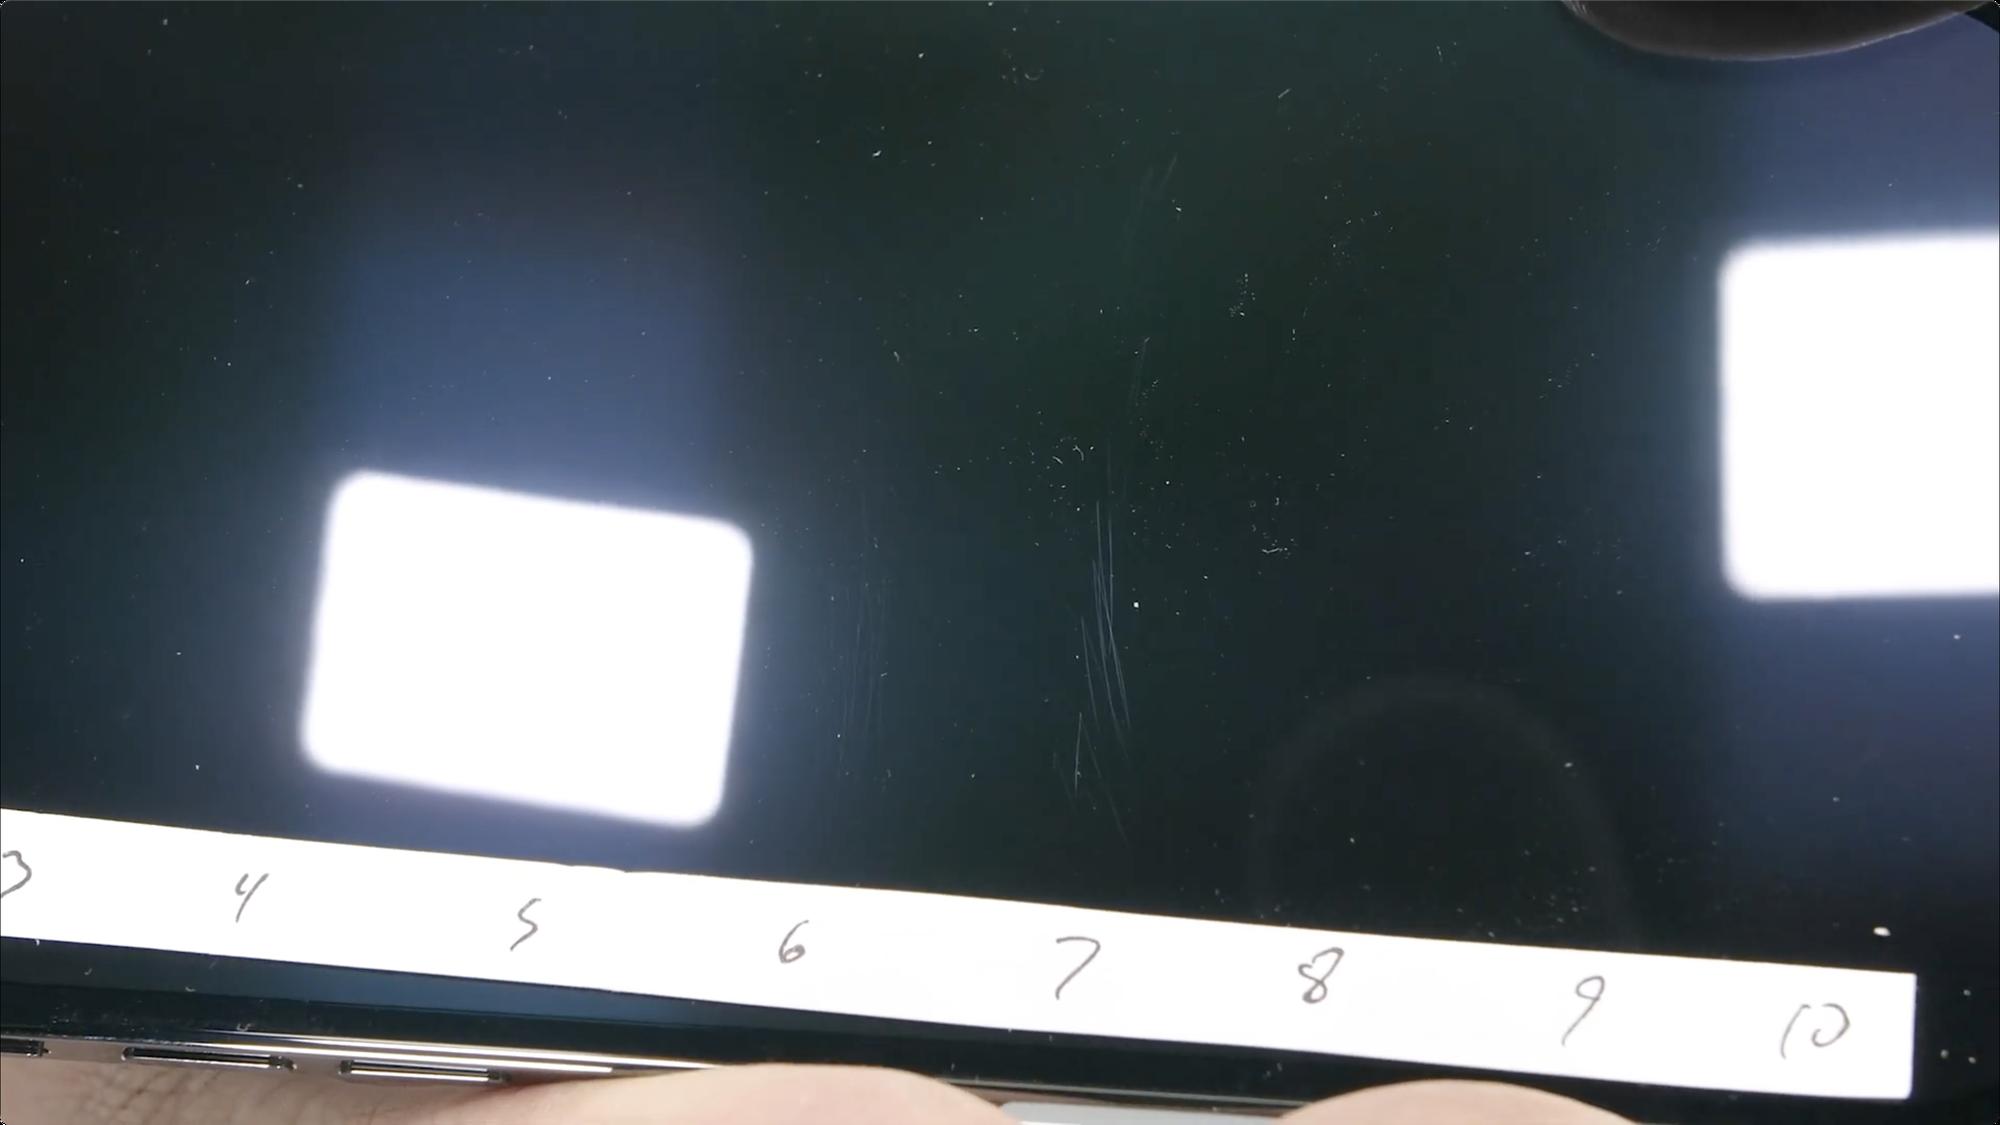 Kiểm chứng độ bền iPhone 13 Pro Max: Những điều mà Apple không nói với người dùng? - Ảnh 5.